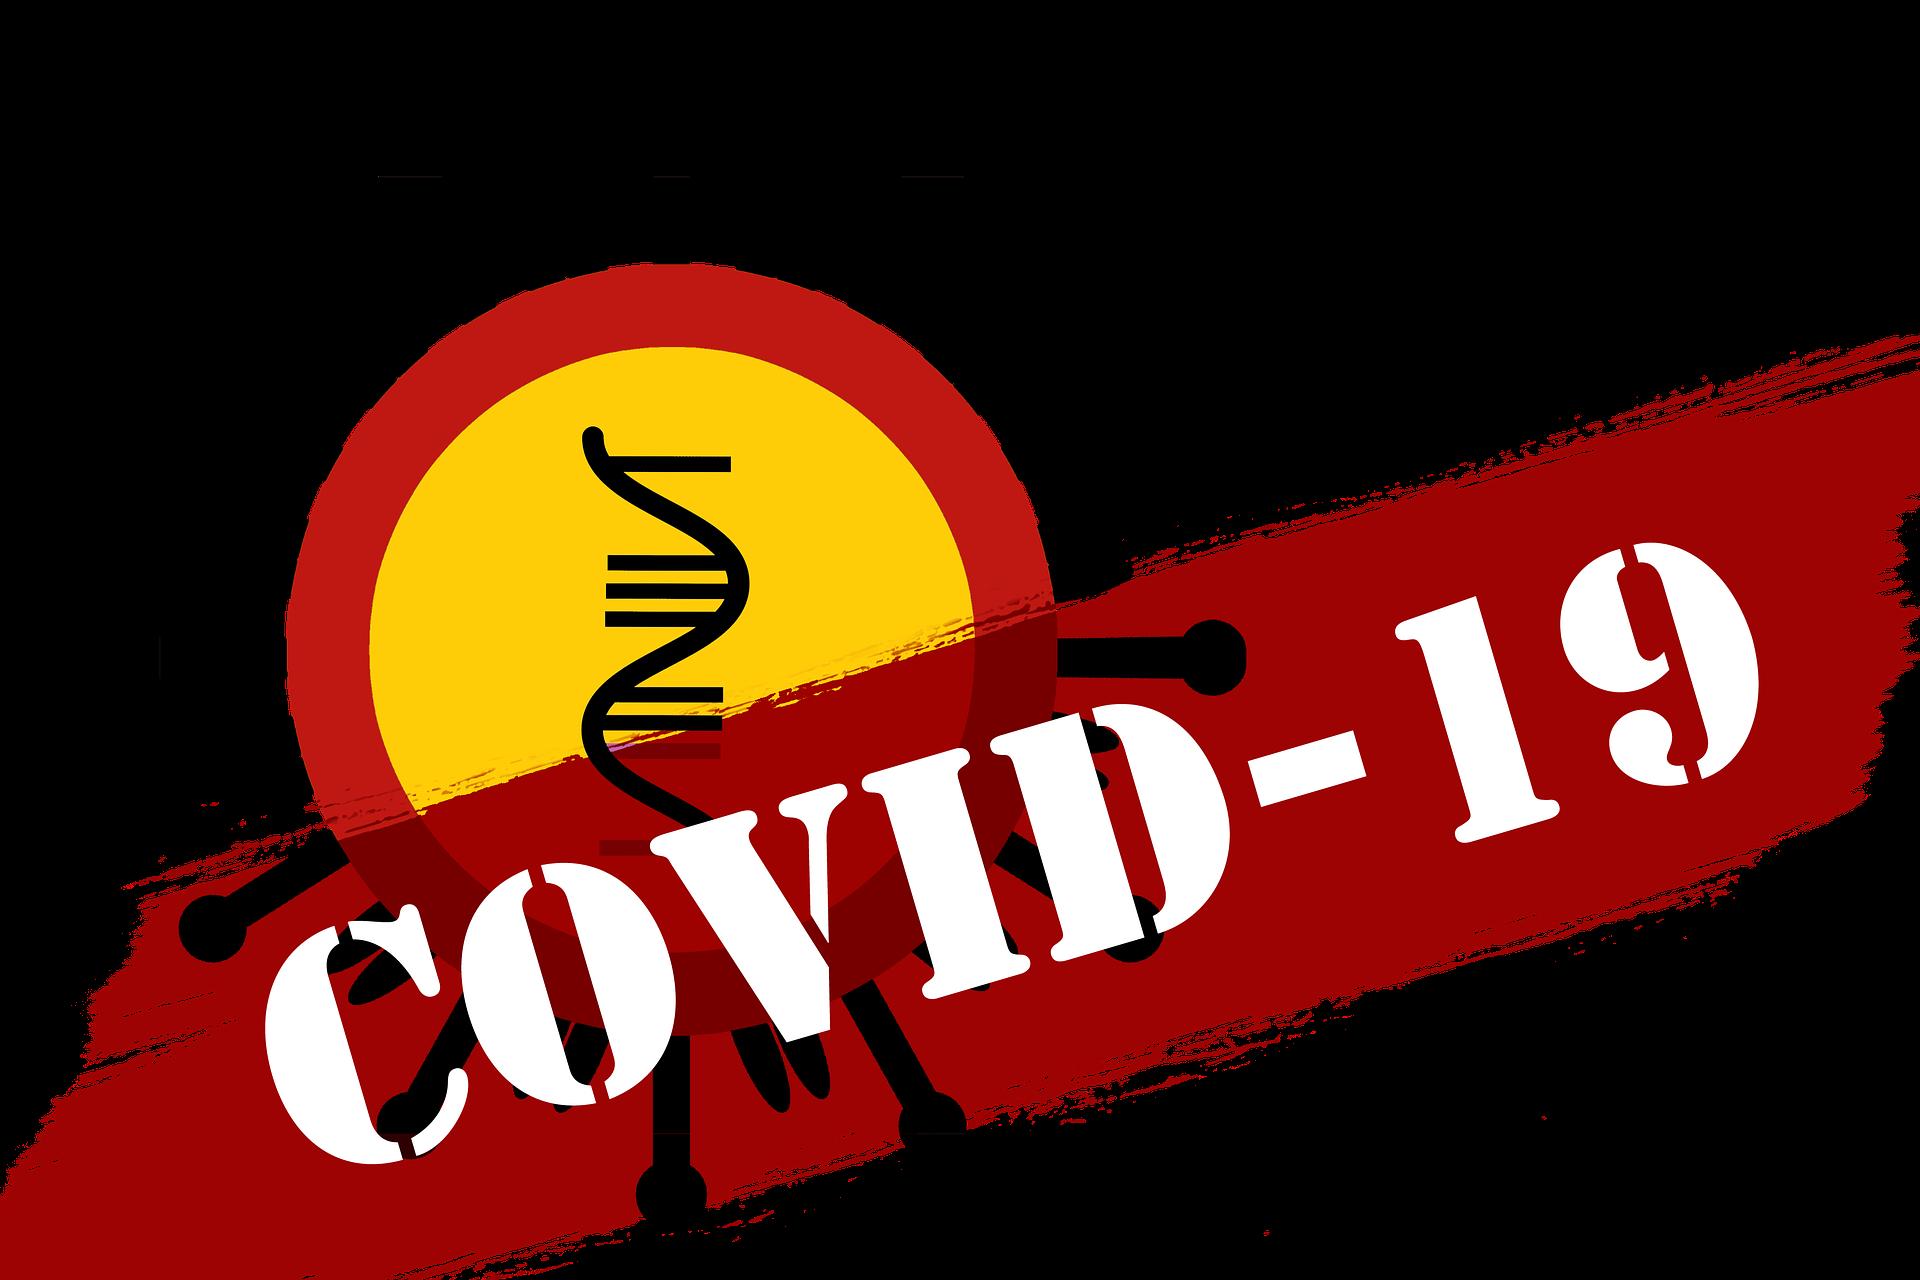 Misure urgenti in materia di contenimento e gestione dell'emergenza epidemiologica da COVID-2019